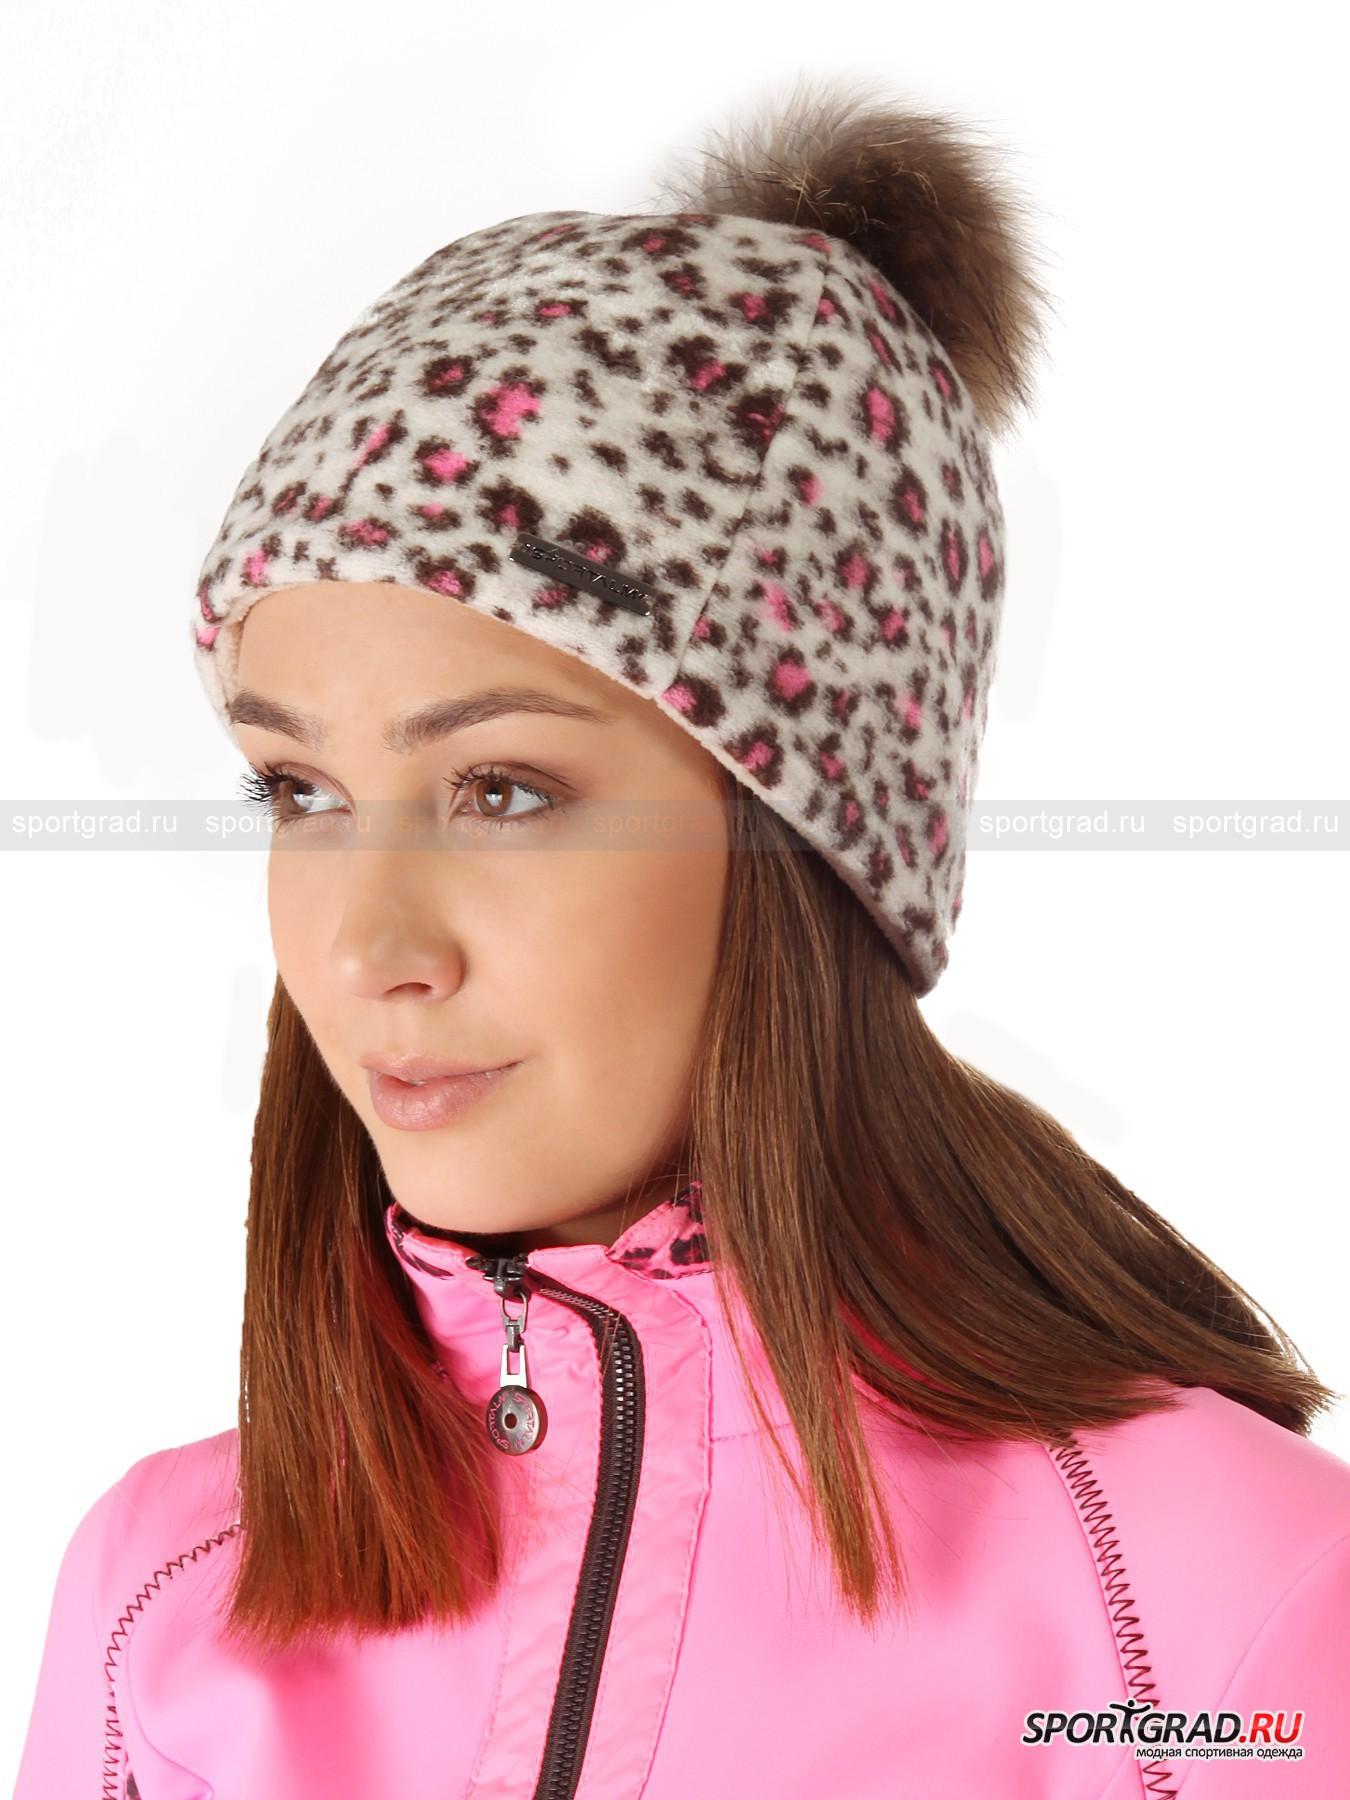 Шапка женская SPORTALM на флисовой подкладкеГоловные Уборы<br>Принтованная женская шапка SPORTALM на мягкой флисовой подкладке с помпоном из натурального меха – удачная модель для горнолыжного спорта и вылазок на природу в черте города, которая не даст ушам замерзнуть, впитает испарину и оперативно выведет ее наружу, позволив коже головы «дышать».<br><br>Благодаря шерсти в составе верхнего слоя изделие отличается превосходными термоизоляционными свойствами, а за счет мягкого эластичного полотна нижнего - модель может похвастаться плотным, но не сдавливающим головы обхватом. Шапка декорирована фирменным металлическим значком с названием лейбла.<br><br>Длина по окружности 53 см.<br><br>Пол: Женский<br>Возраст: Взрослый<br>Тип: Головные Уборы<br>Рекомендации по уходу: Изделию показана ручная стирка. Запрещены отбеливание, глажка, химчистка и сушка в стиральной машине или электросушилке для белья.<br>Состав: Основное изделие: 60% шерсть, 25% полиэстер, 15% полиакрил. Подкладка: 100% полиэстер. Отделка: мех енота.